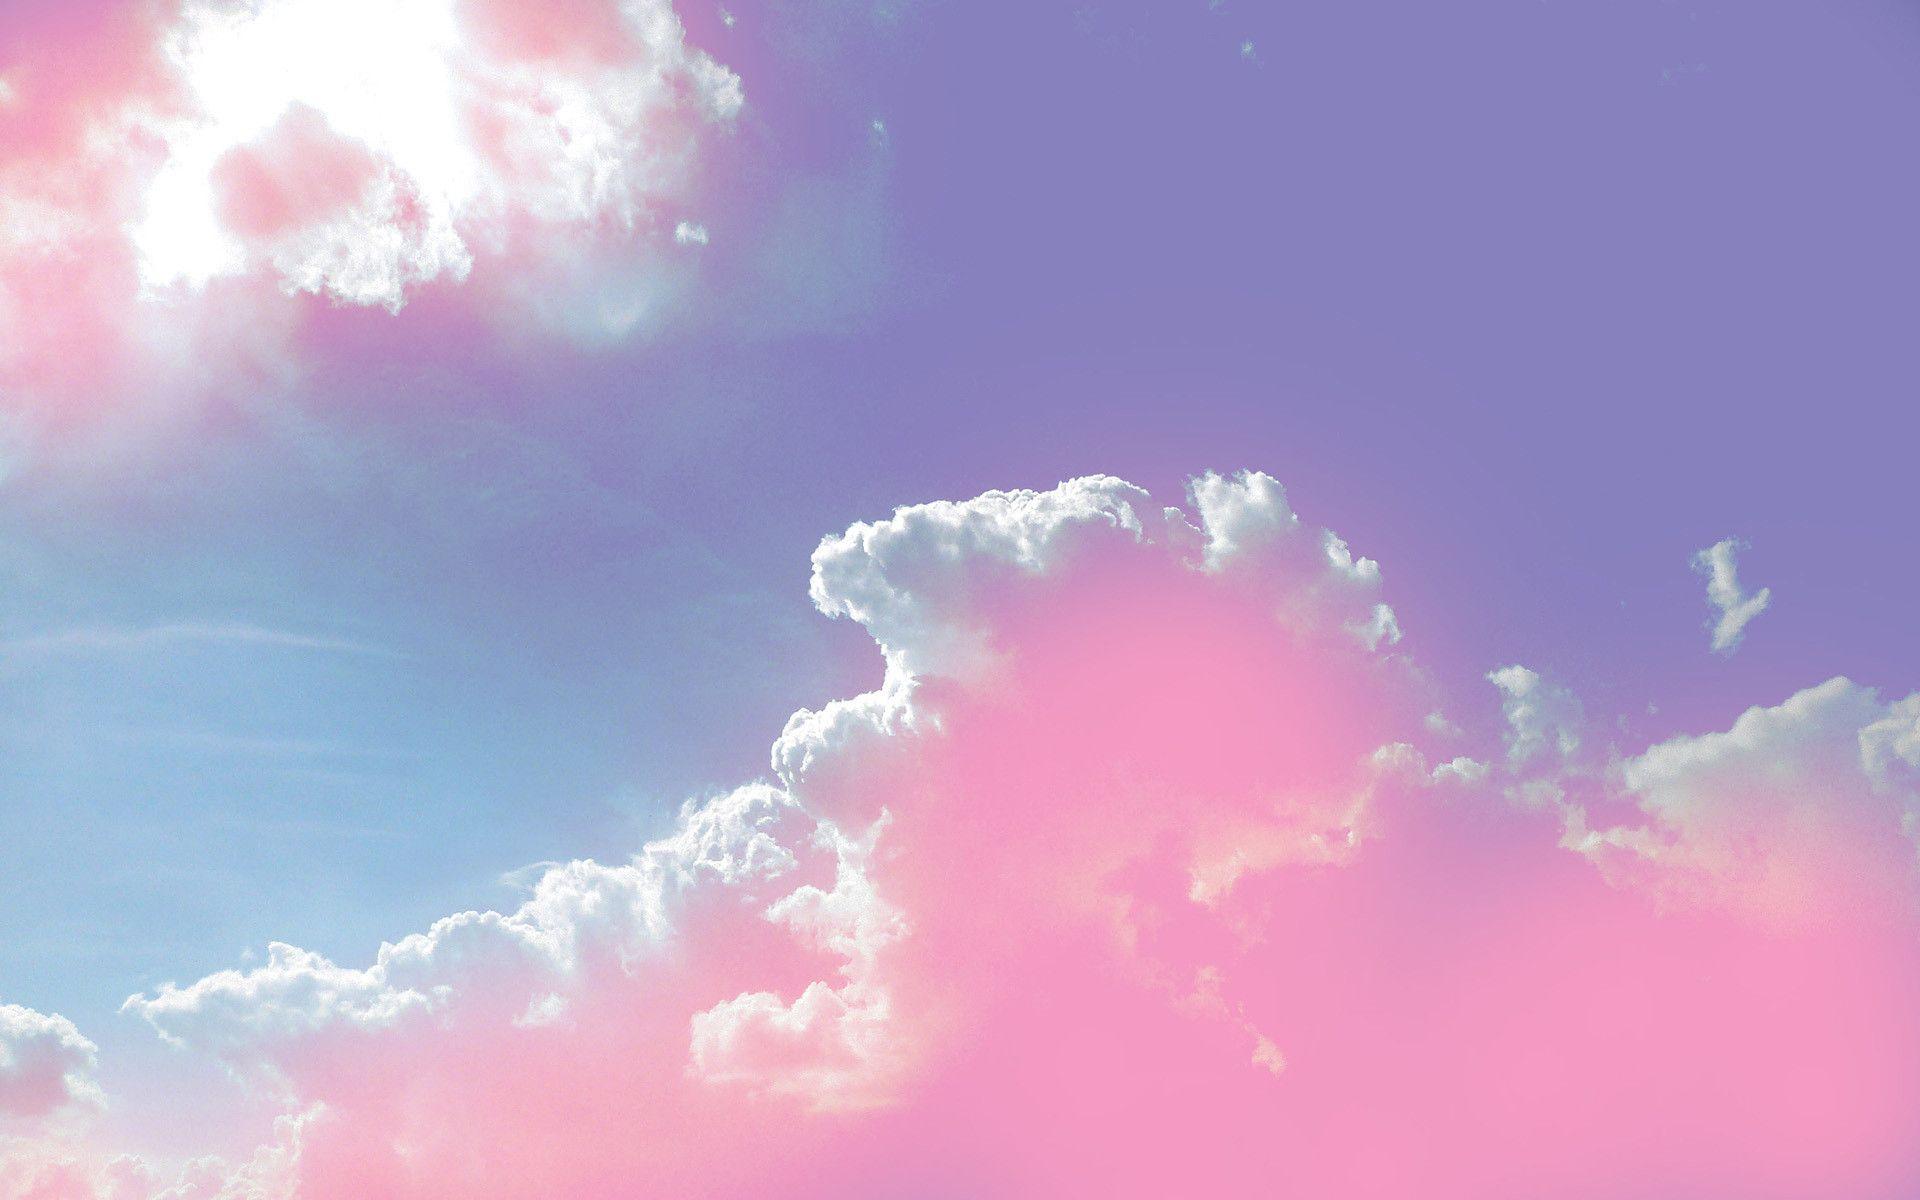 Ảnh background bầu trời đẹp mây hồng